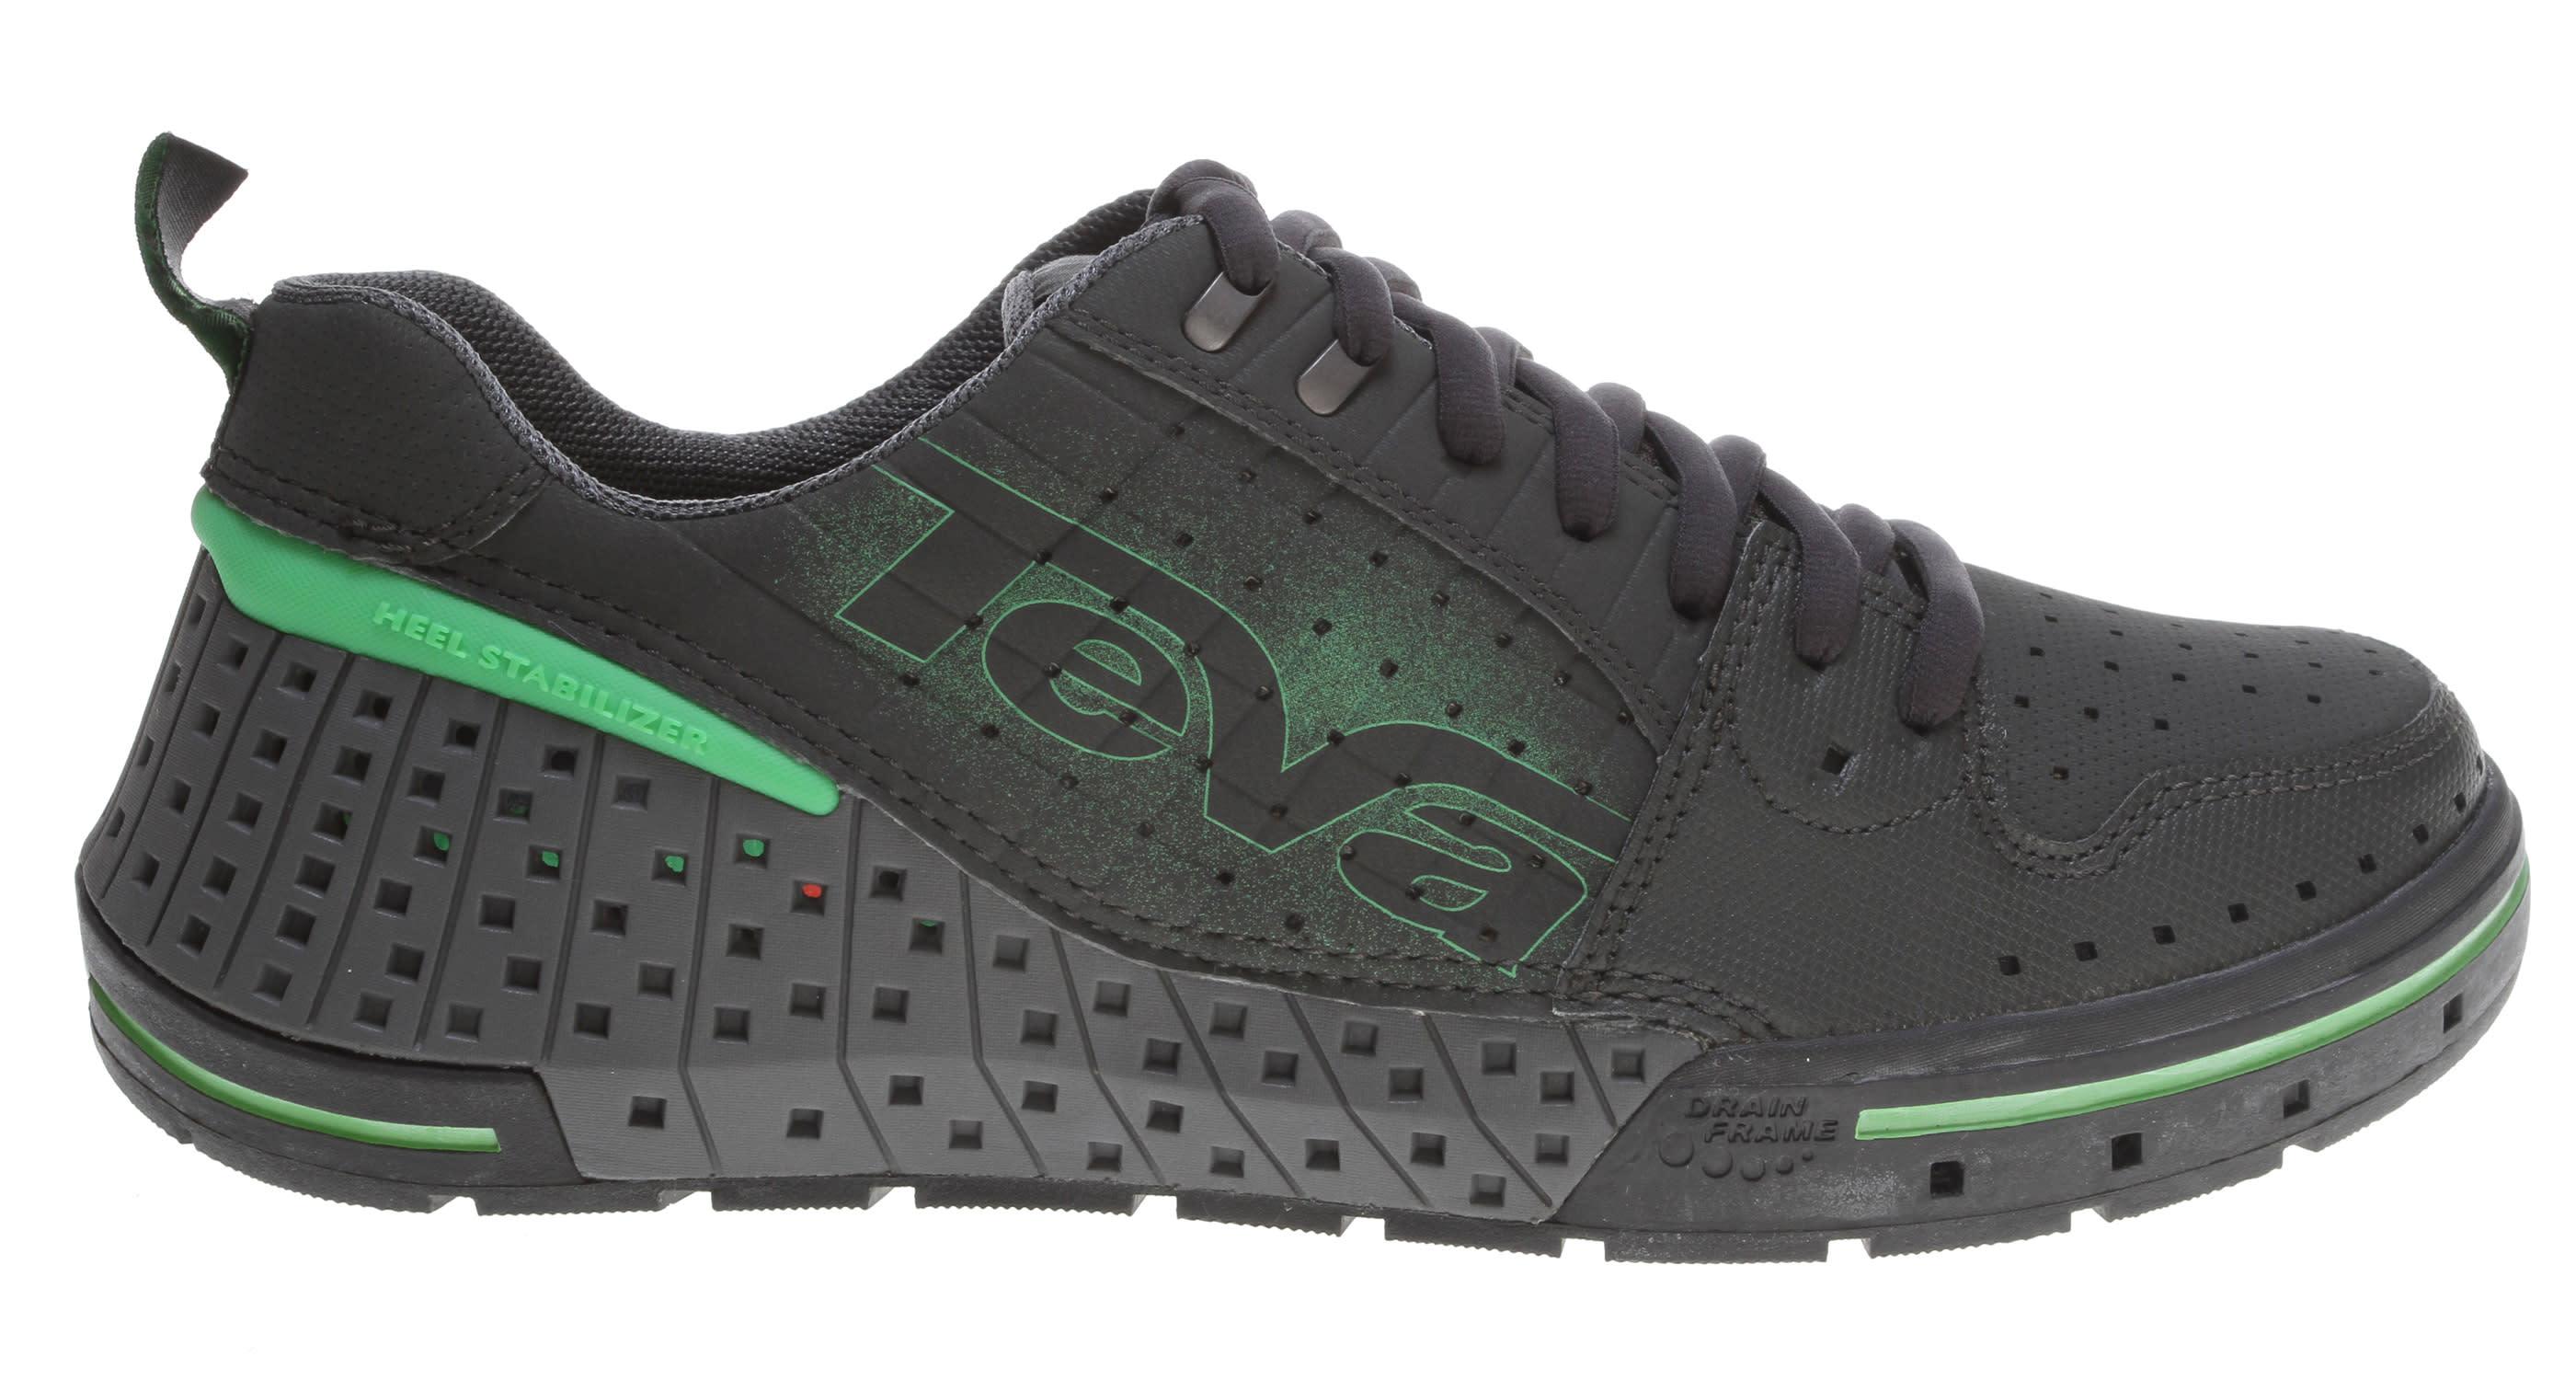 92bfe9d04 Teva Gnarkosi Wakeskate Shoes - thumbnail 1